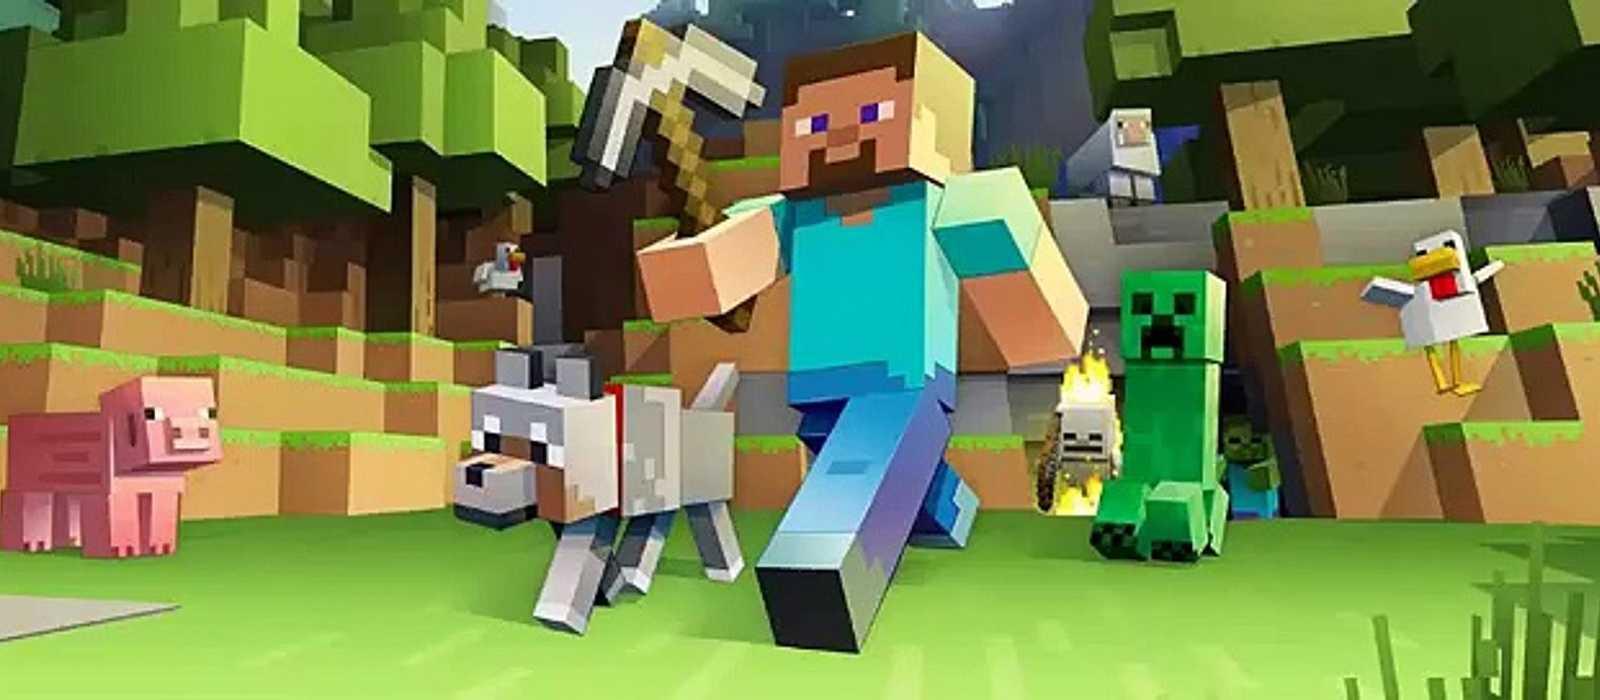 Steve bei Smash Bros. Ultimativ den Überschuss abschneiden. Alles im Namen der Zensur!